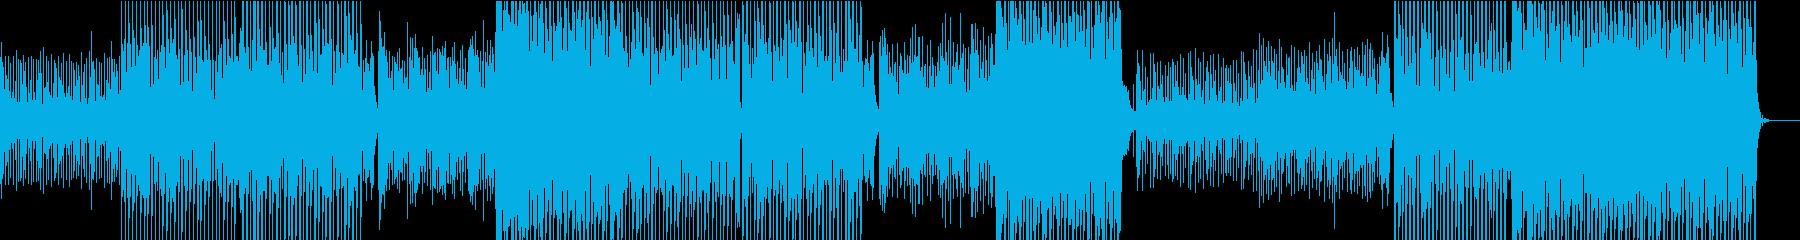 楽しくて遊び心のあるこのEDMの曲...の再生済みの波形